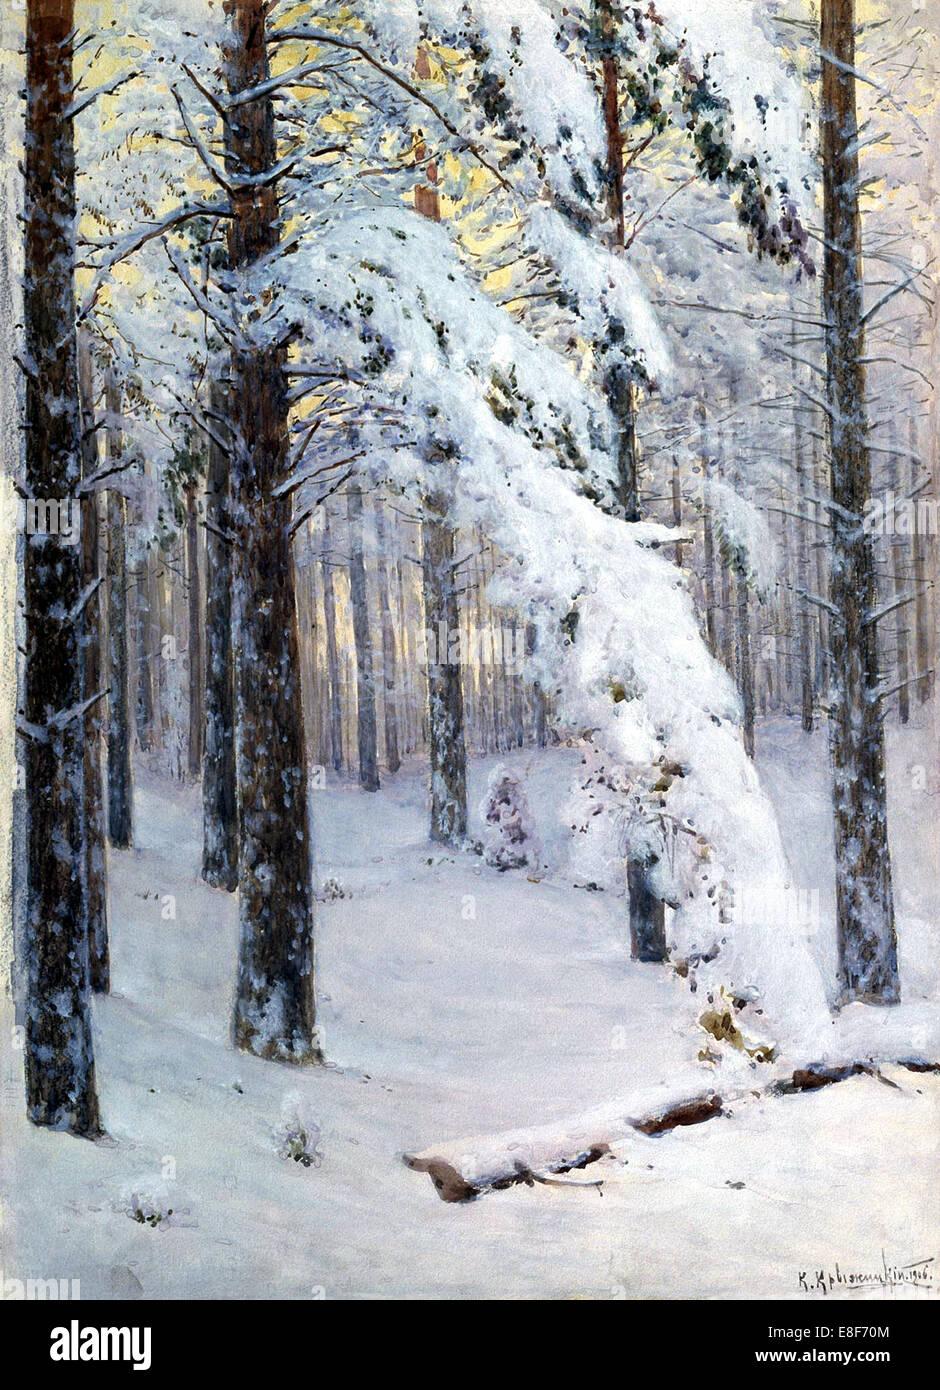 Winter Forest. Artist: Kryzhitsky, Konstantin Yakovlevich (1858-1911) - Stock Image